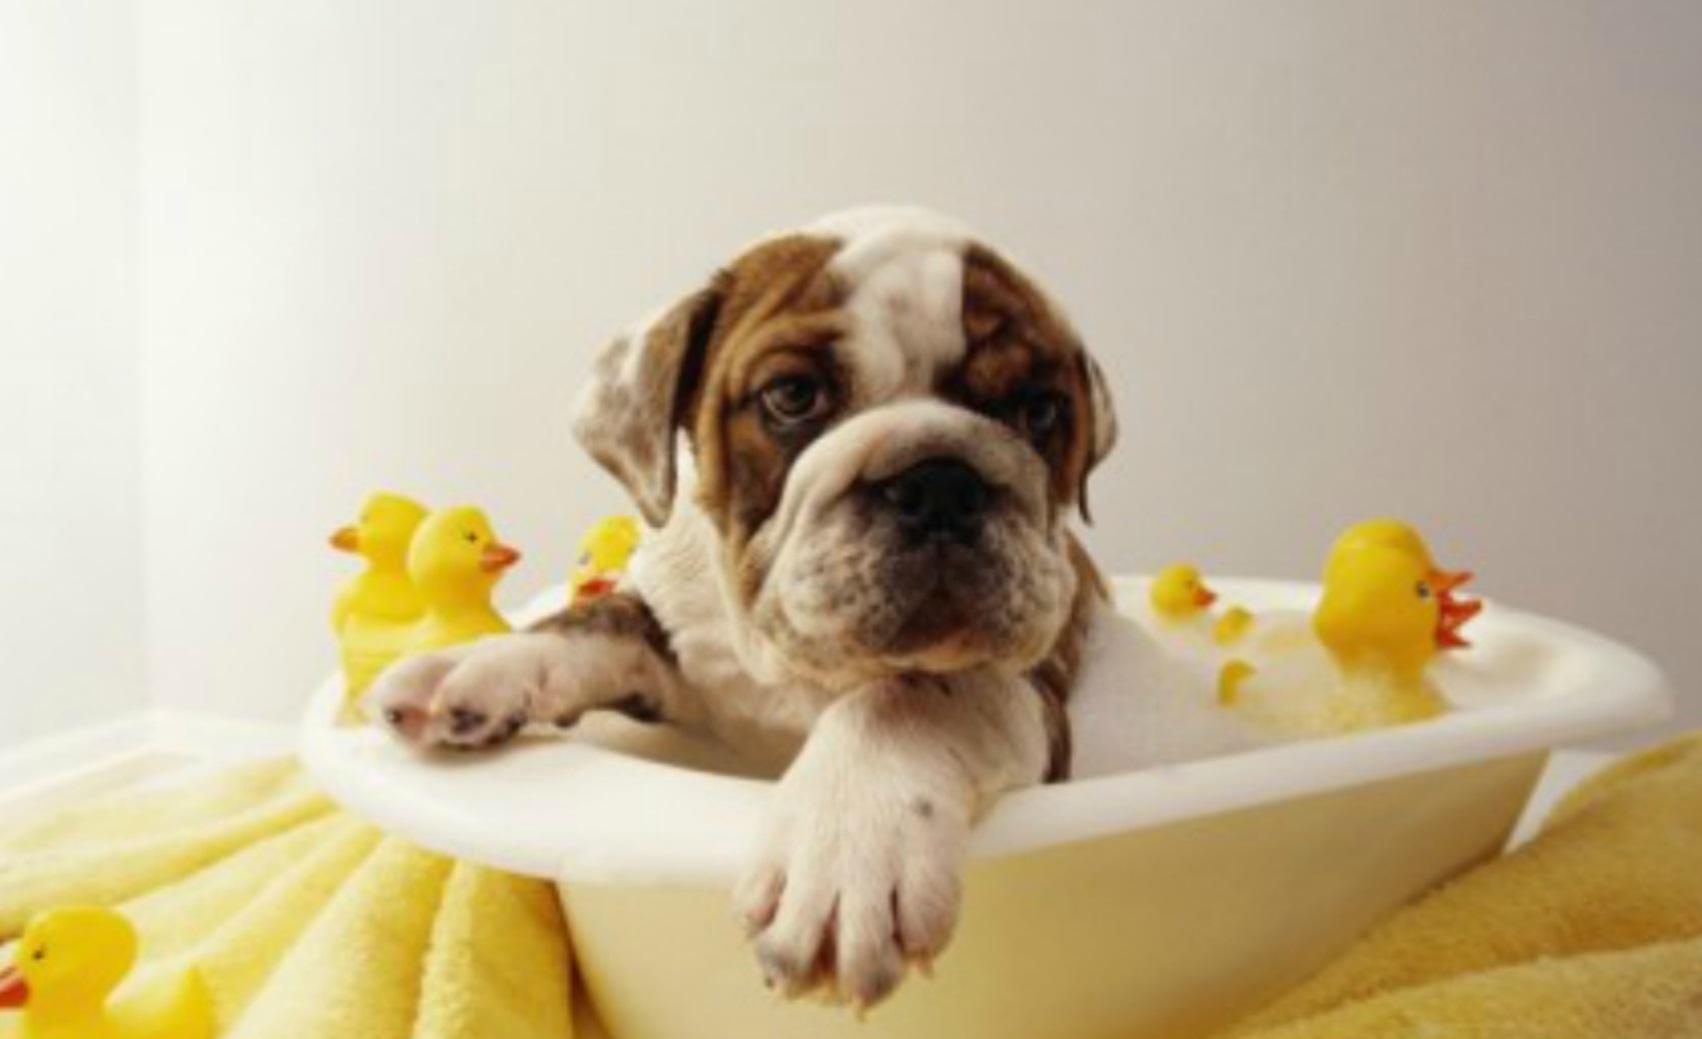 Cachorro en una bañera pequena con juguetes y patitos de goma amarillos